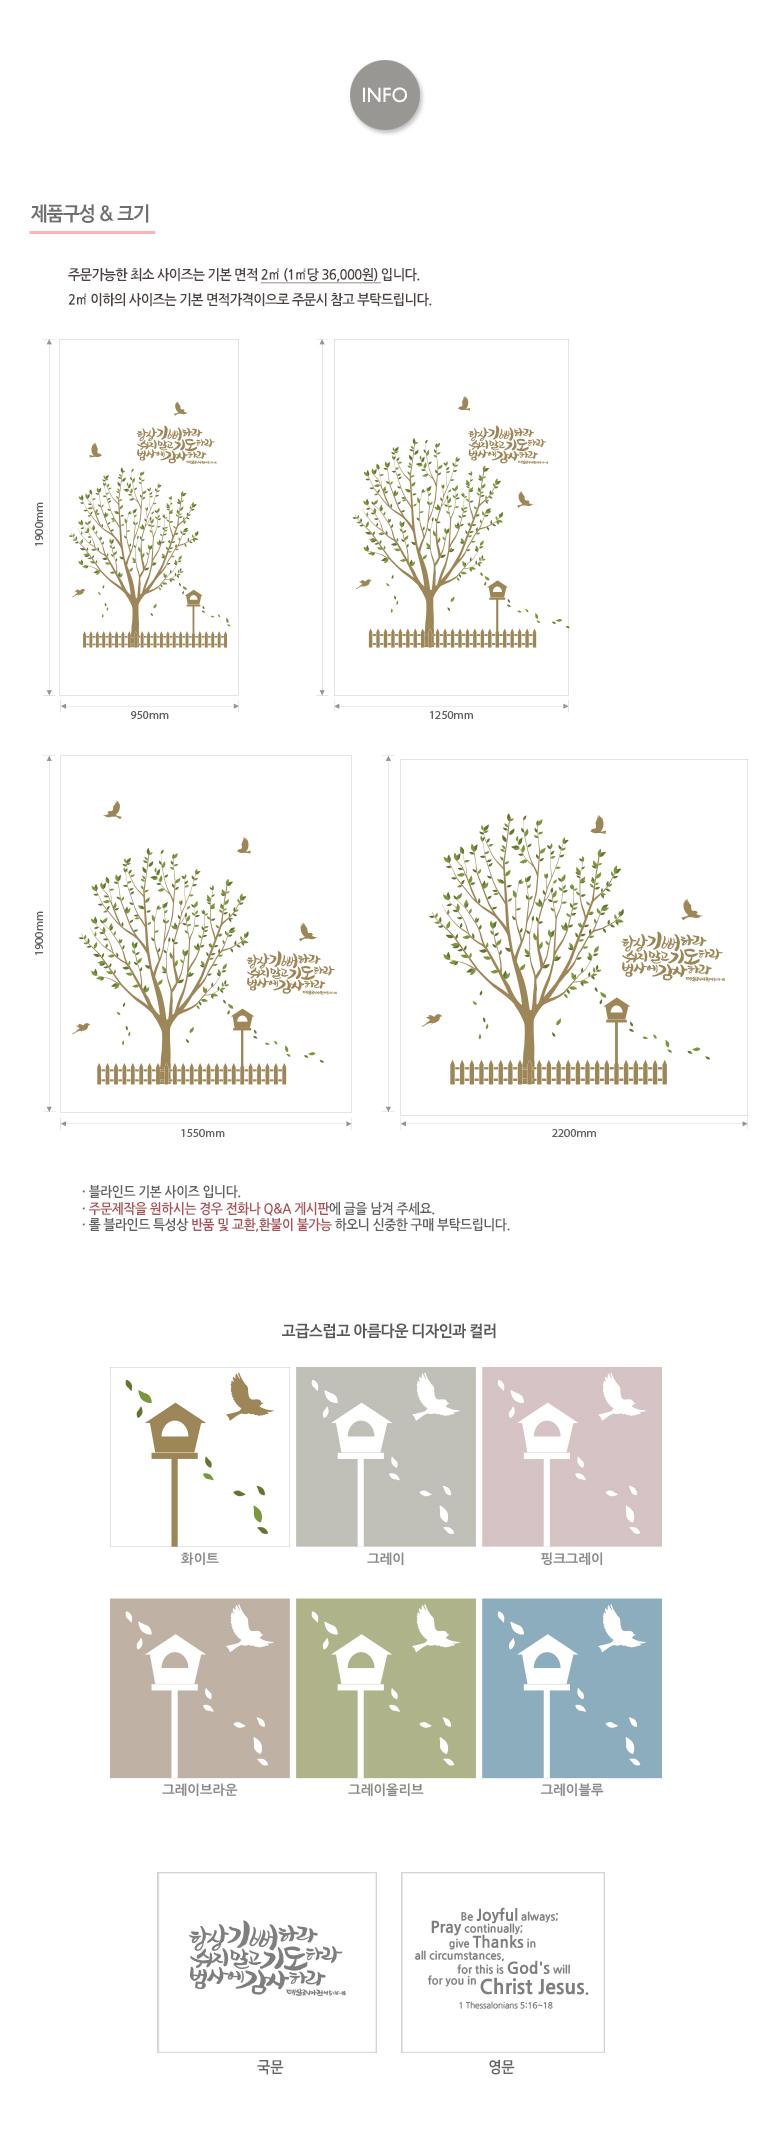 (롤스크린) 나무와 우체통 - 노아데코, 78,000원, 롤스크린, 일반 롤스크린